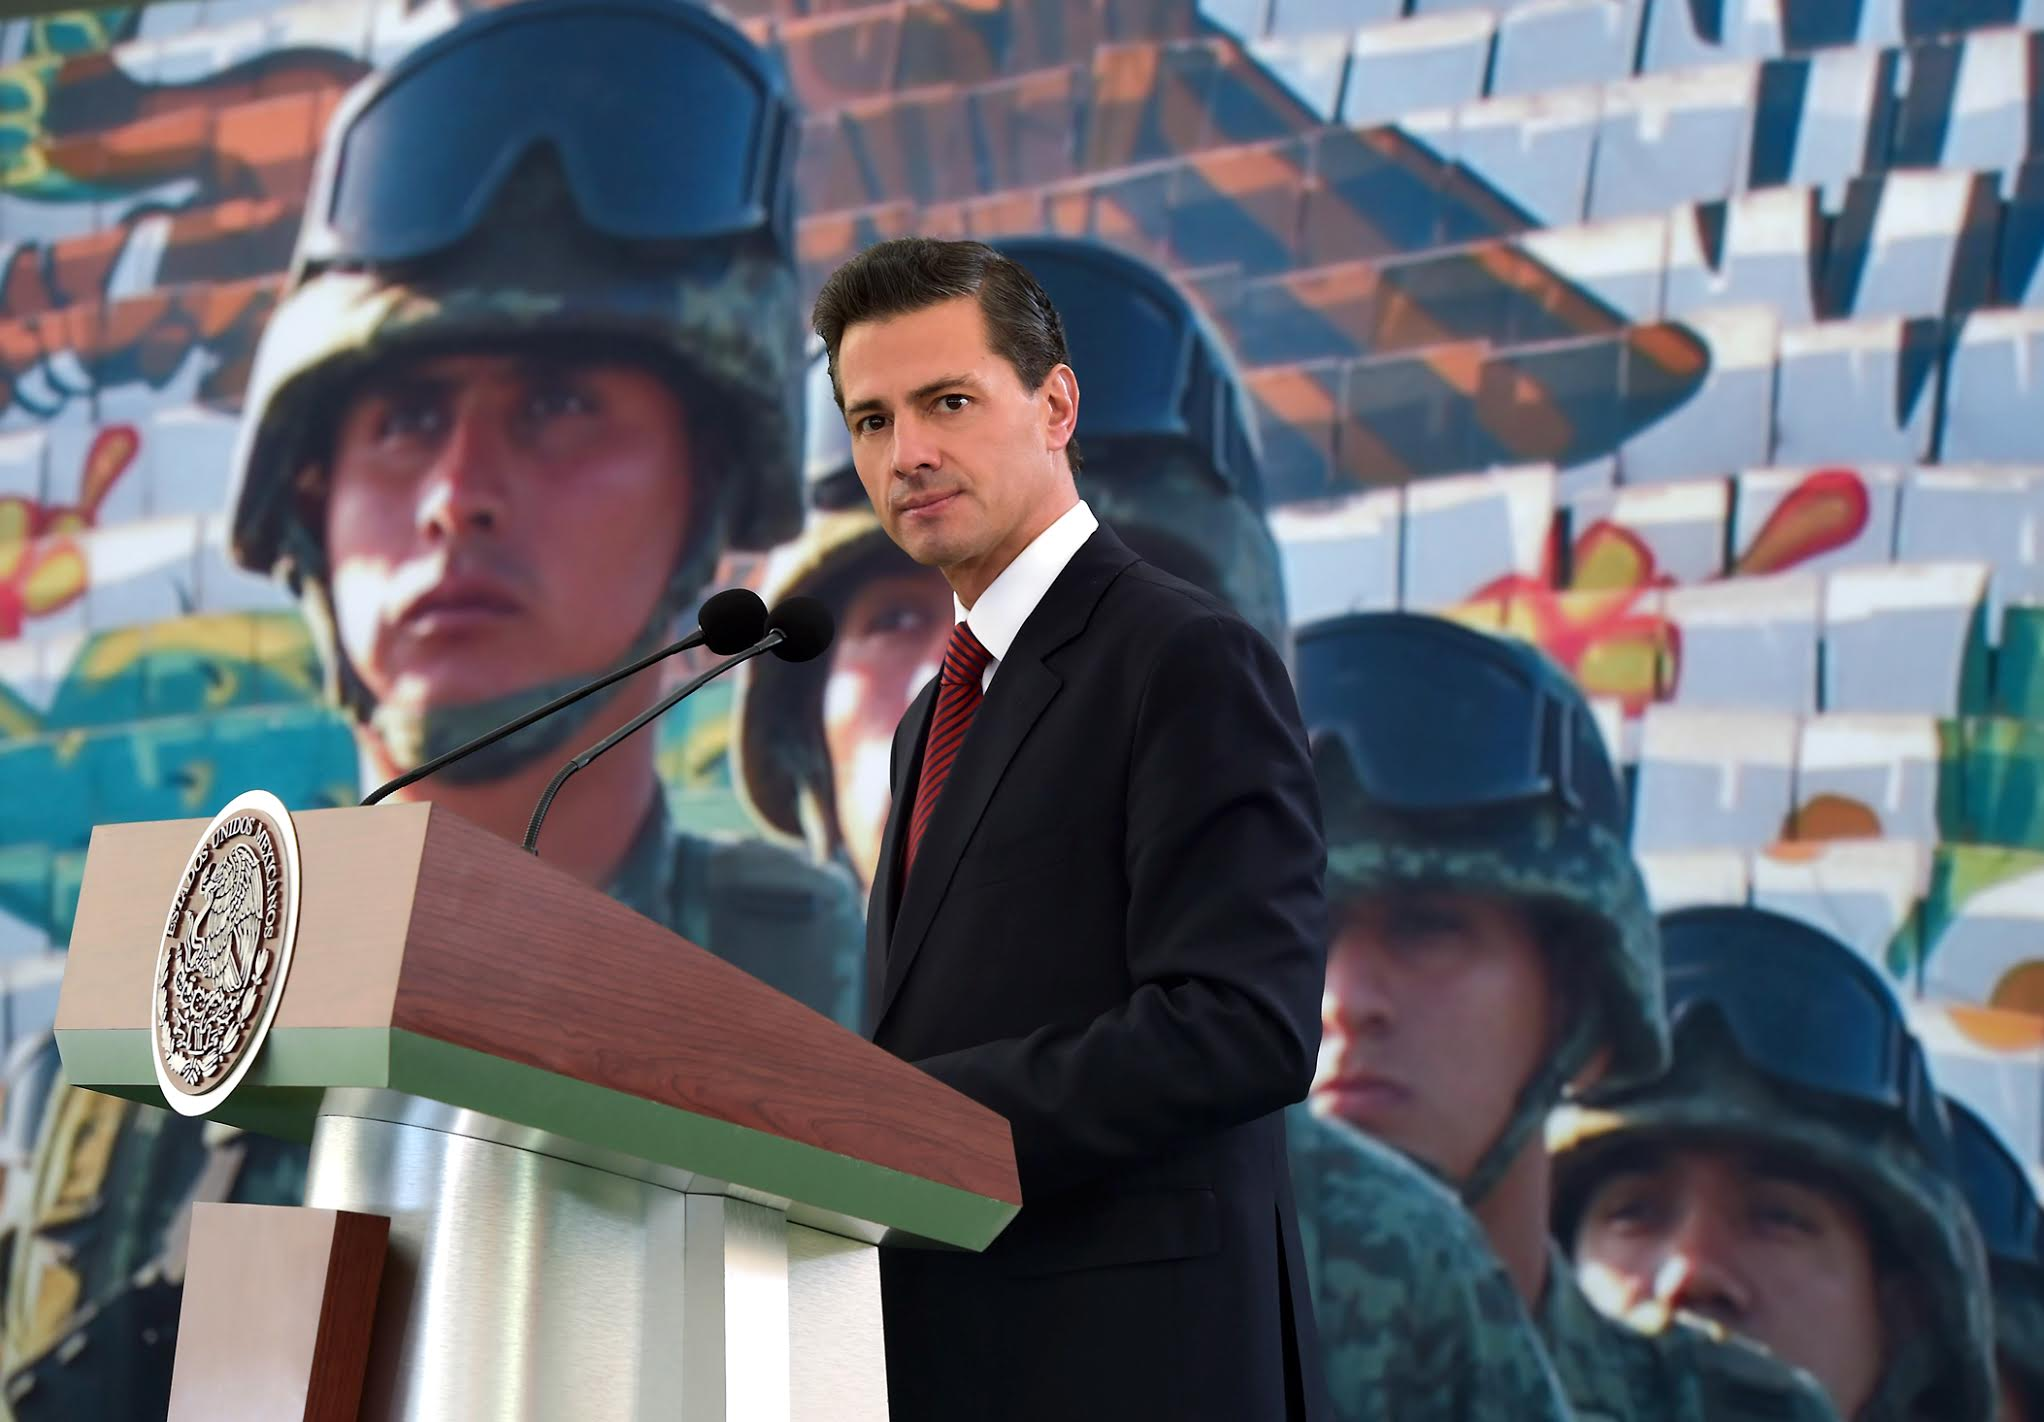 El Primer Mandatario encabezó la conmemoración del 103 aniversario del Ejército Mexicano.